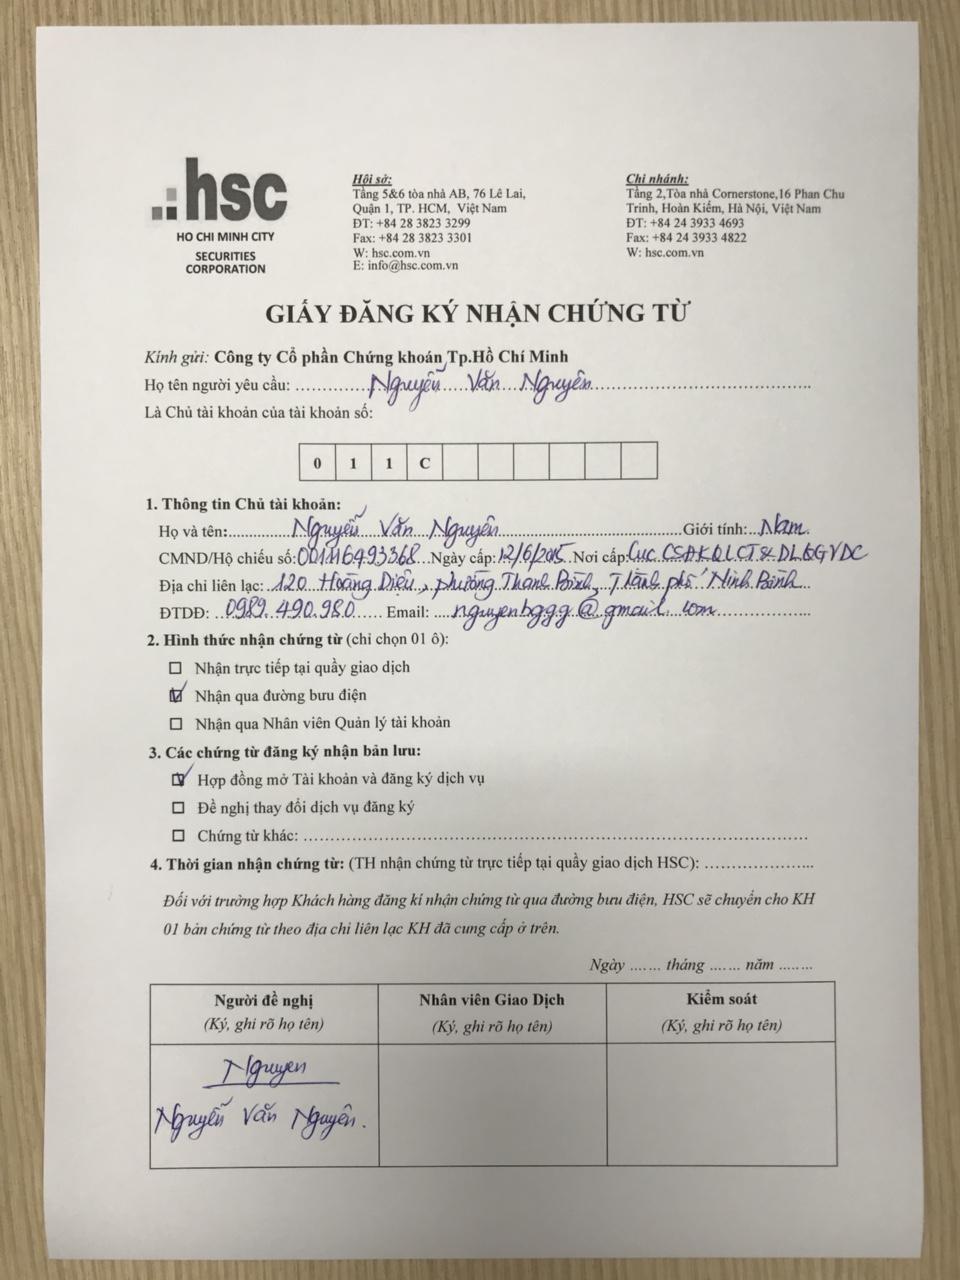 Mẫu giấy đăng ký nhận chứng từ.